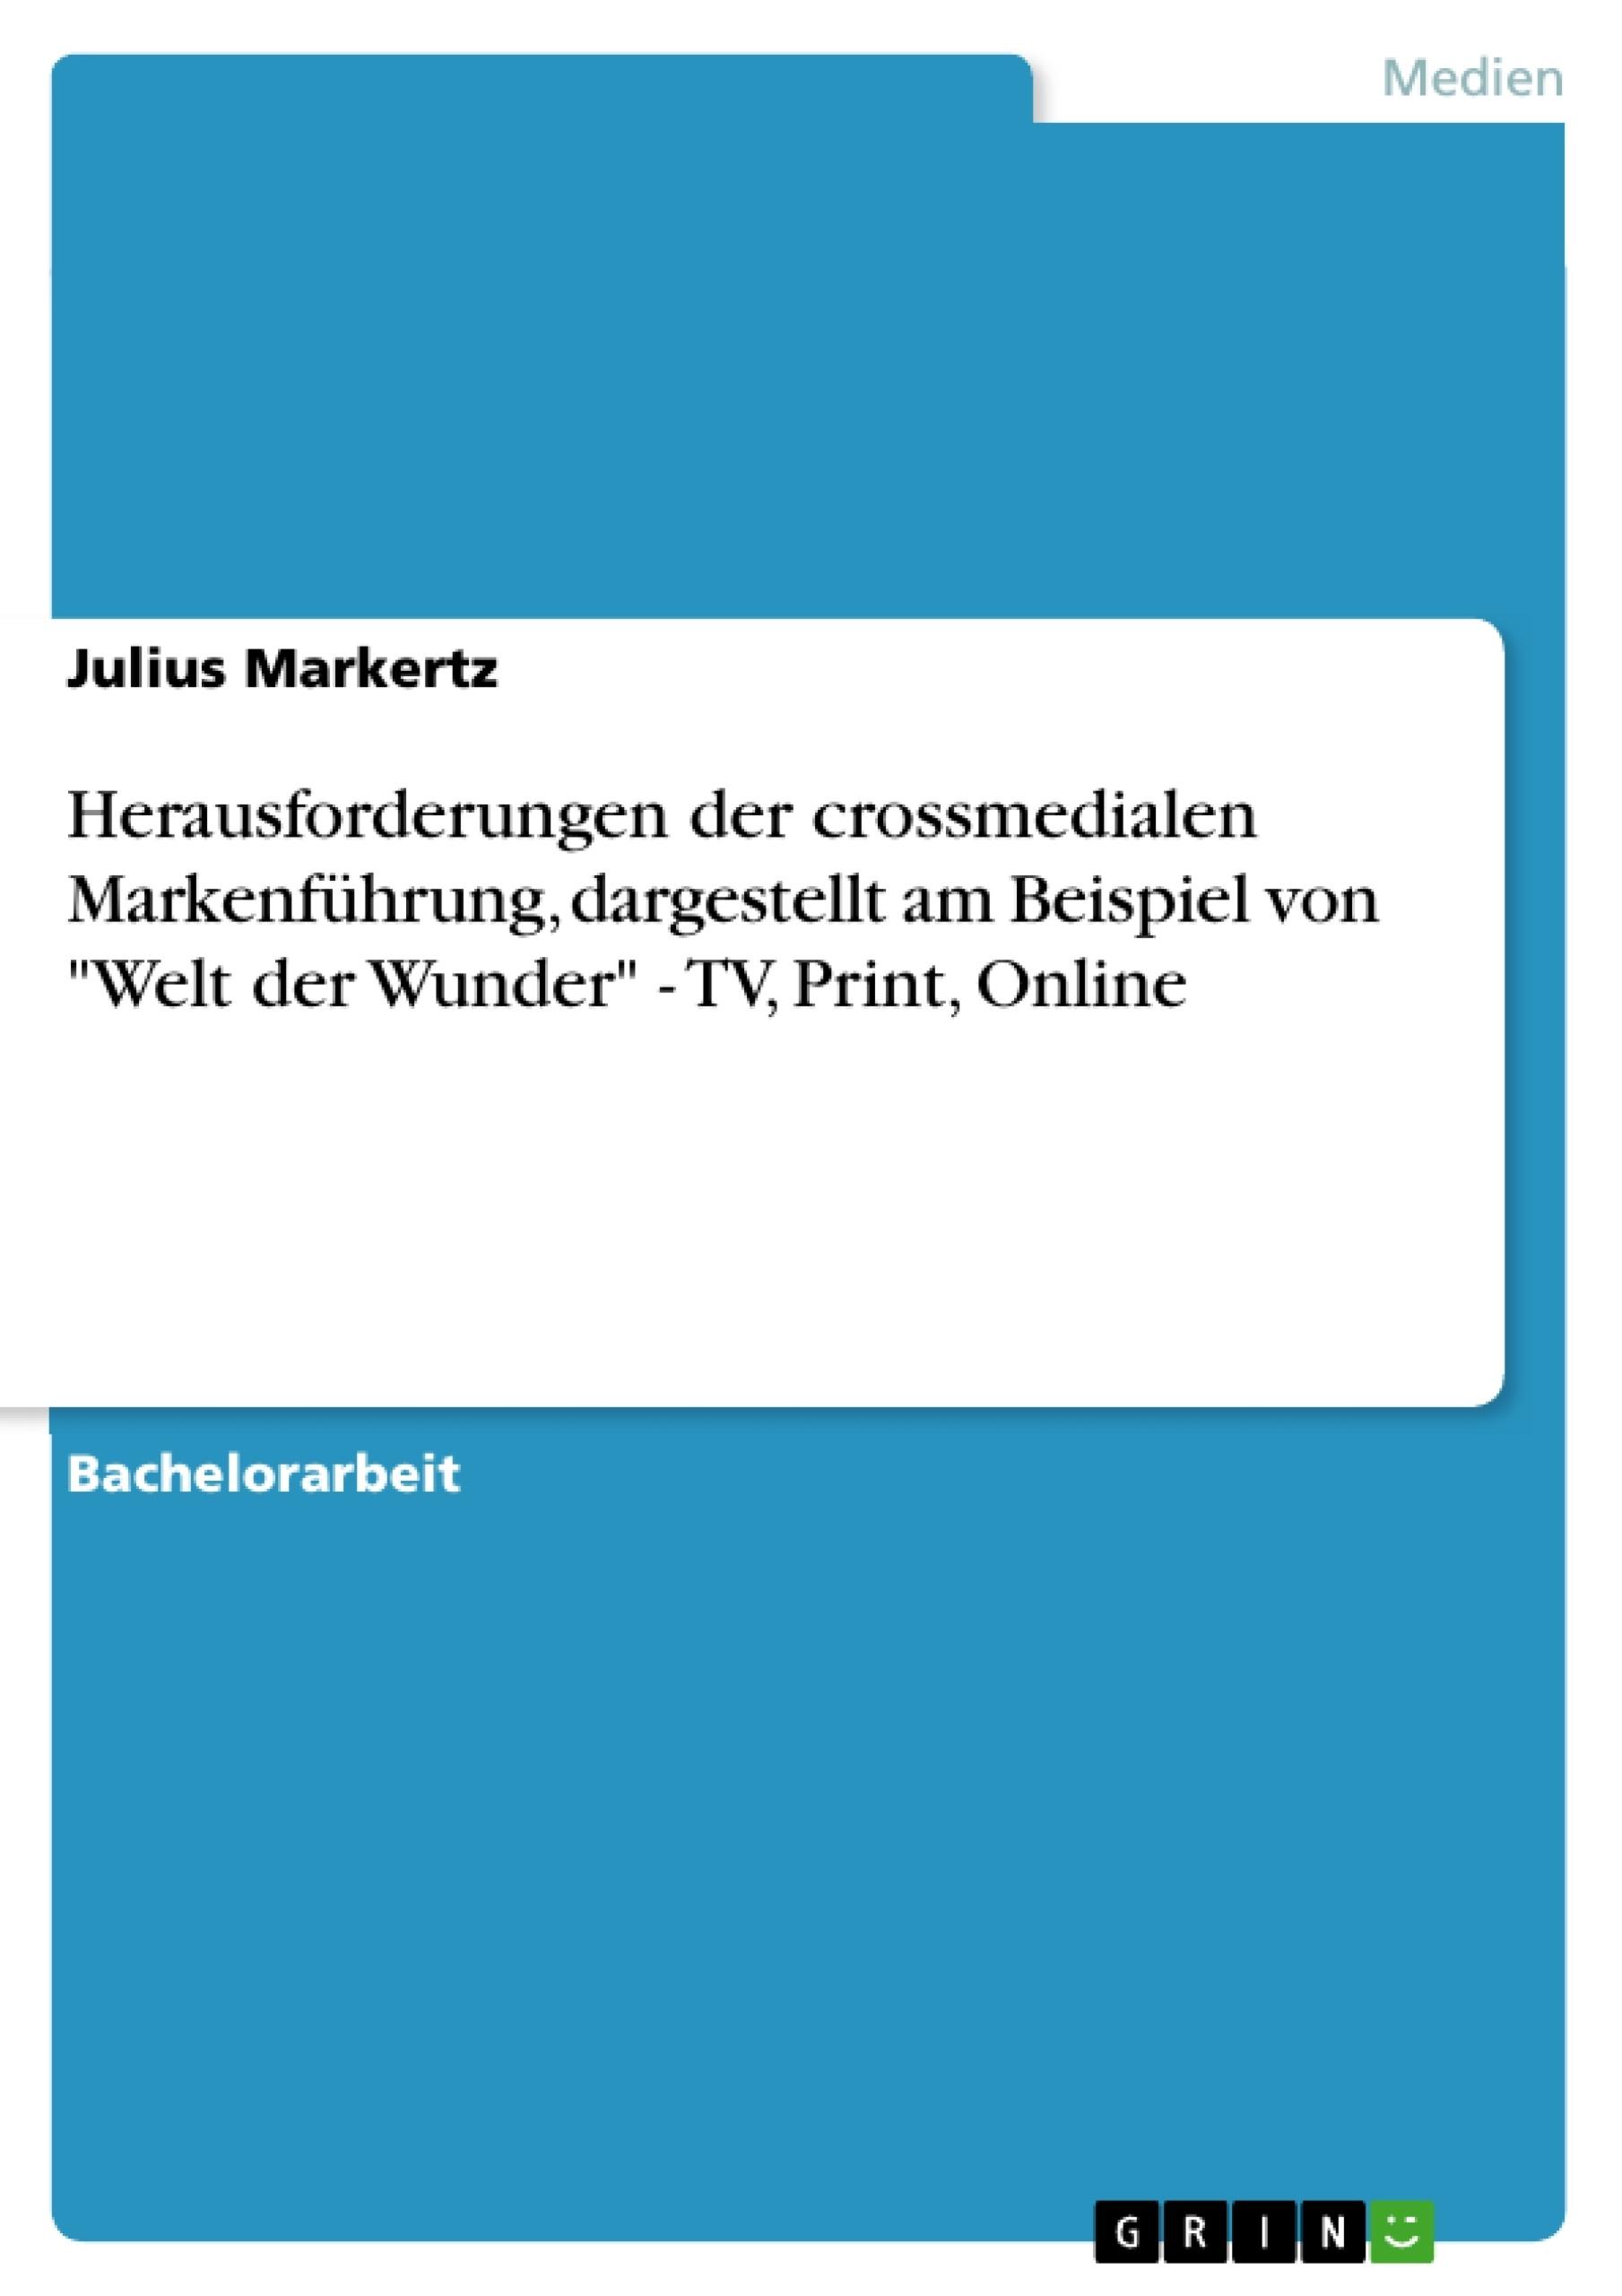 """Titel: Herausforderungen der crossmedialen Markenführung, dargestellt am Beispiel von """"Welt der Wunder"""" - TV, Print, Online"""